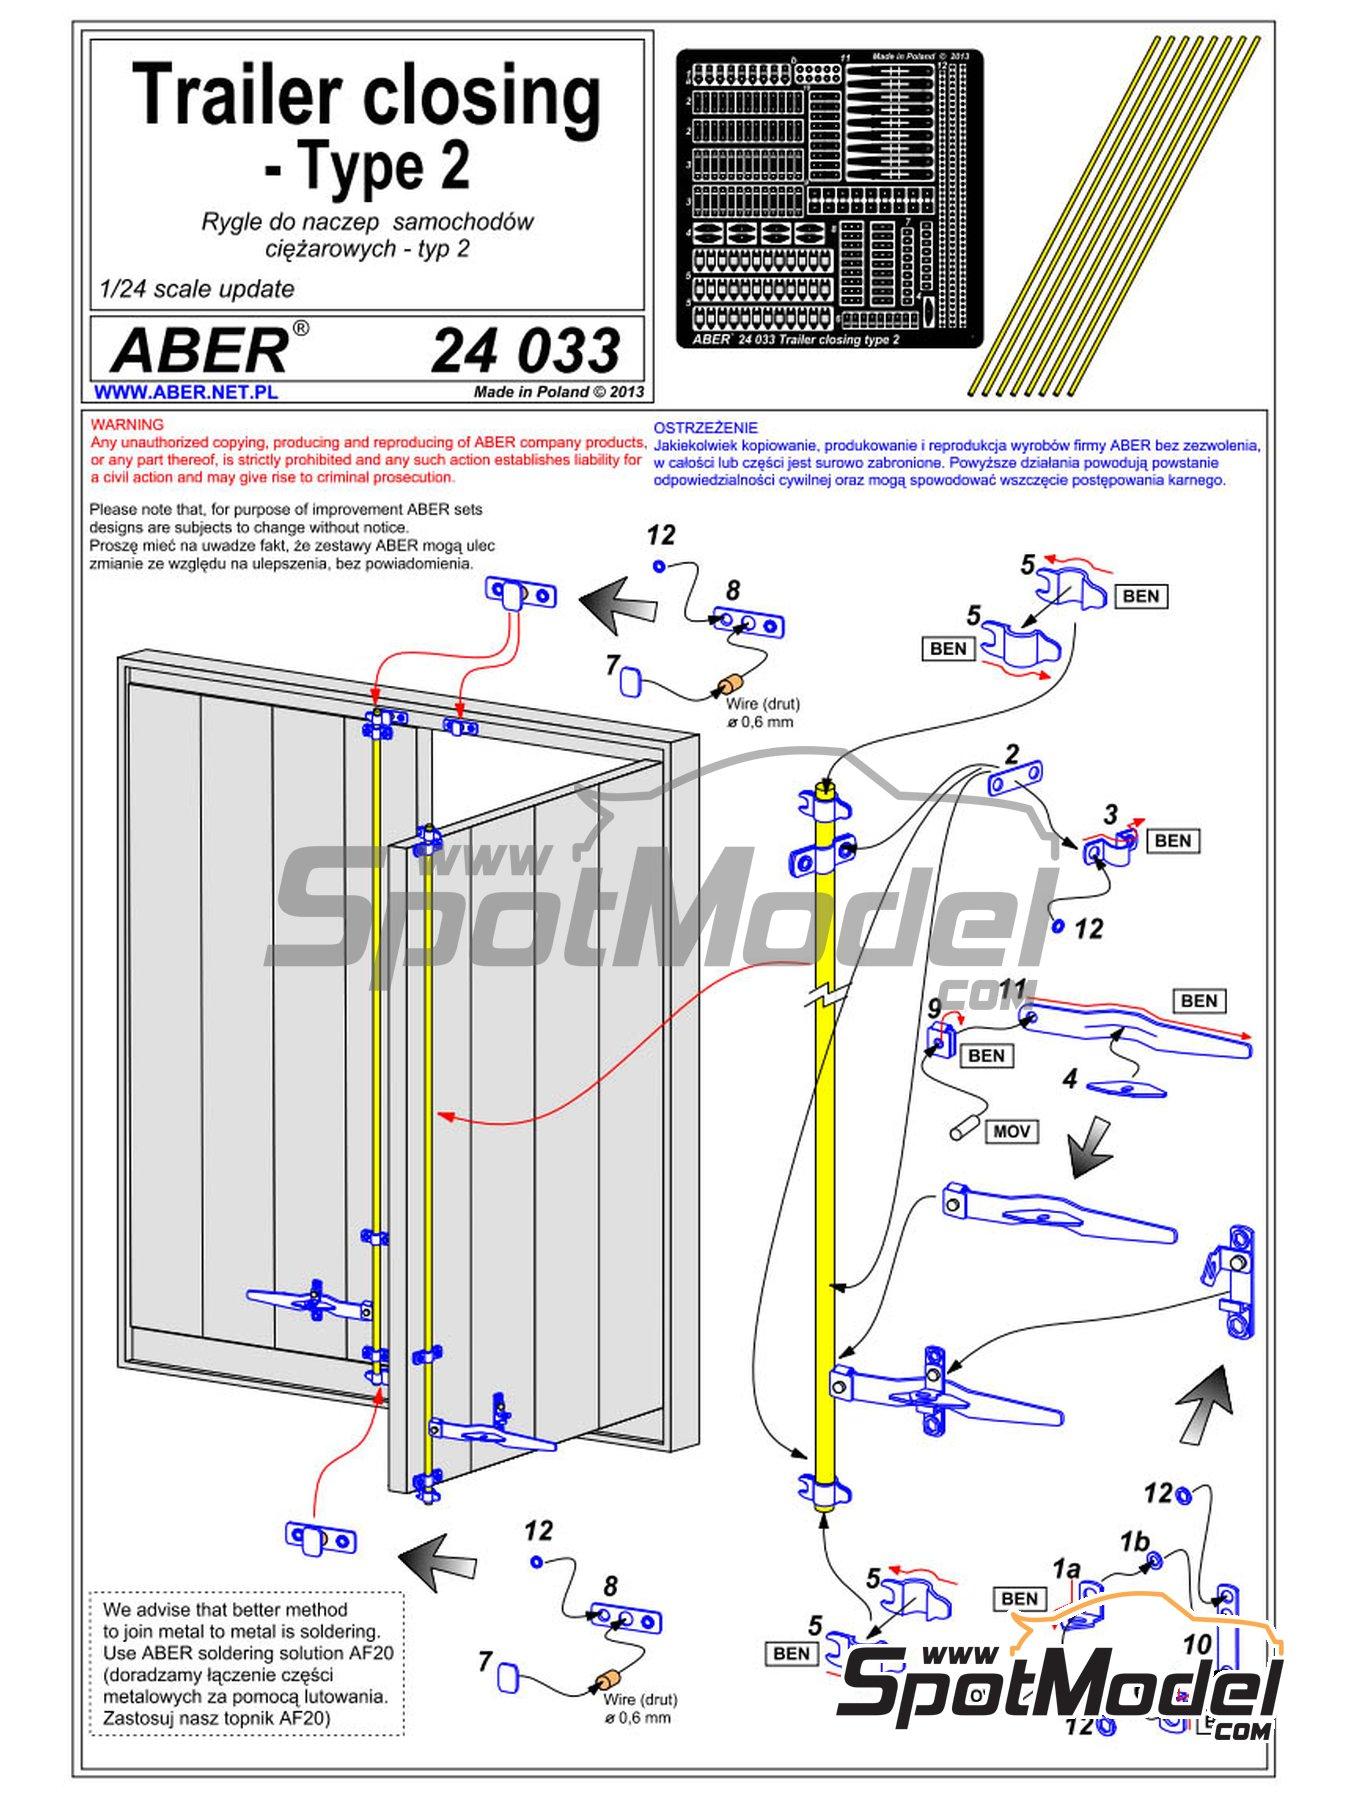 Cierres de trailer y container | Detalle en escala1/24 fabricado por Aber (ref.24.033) image